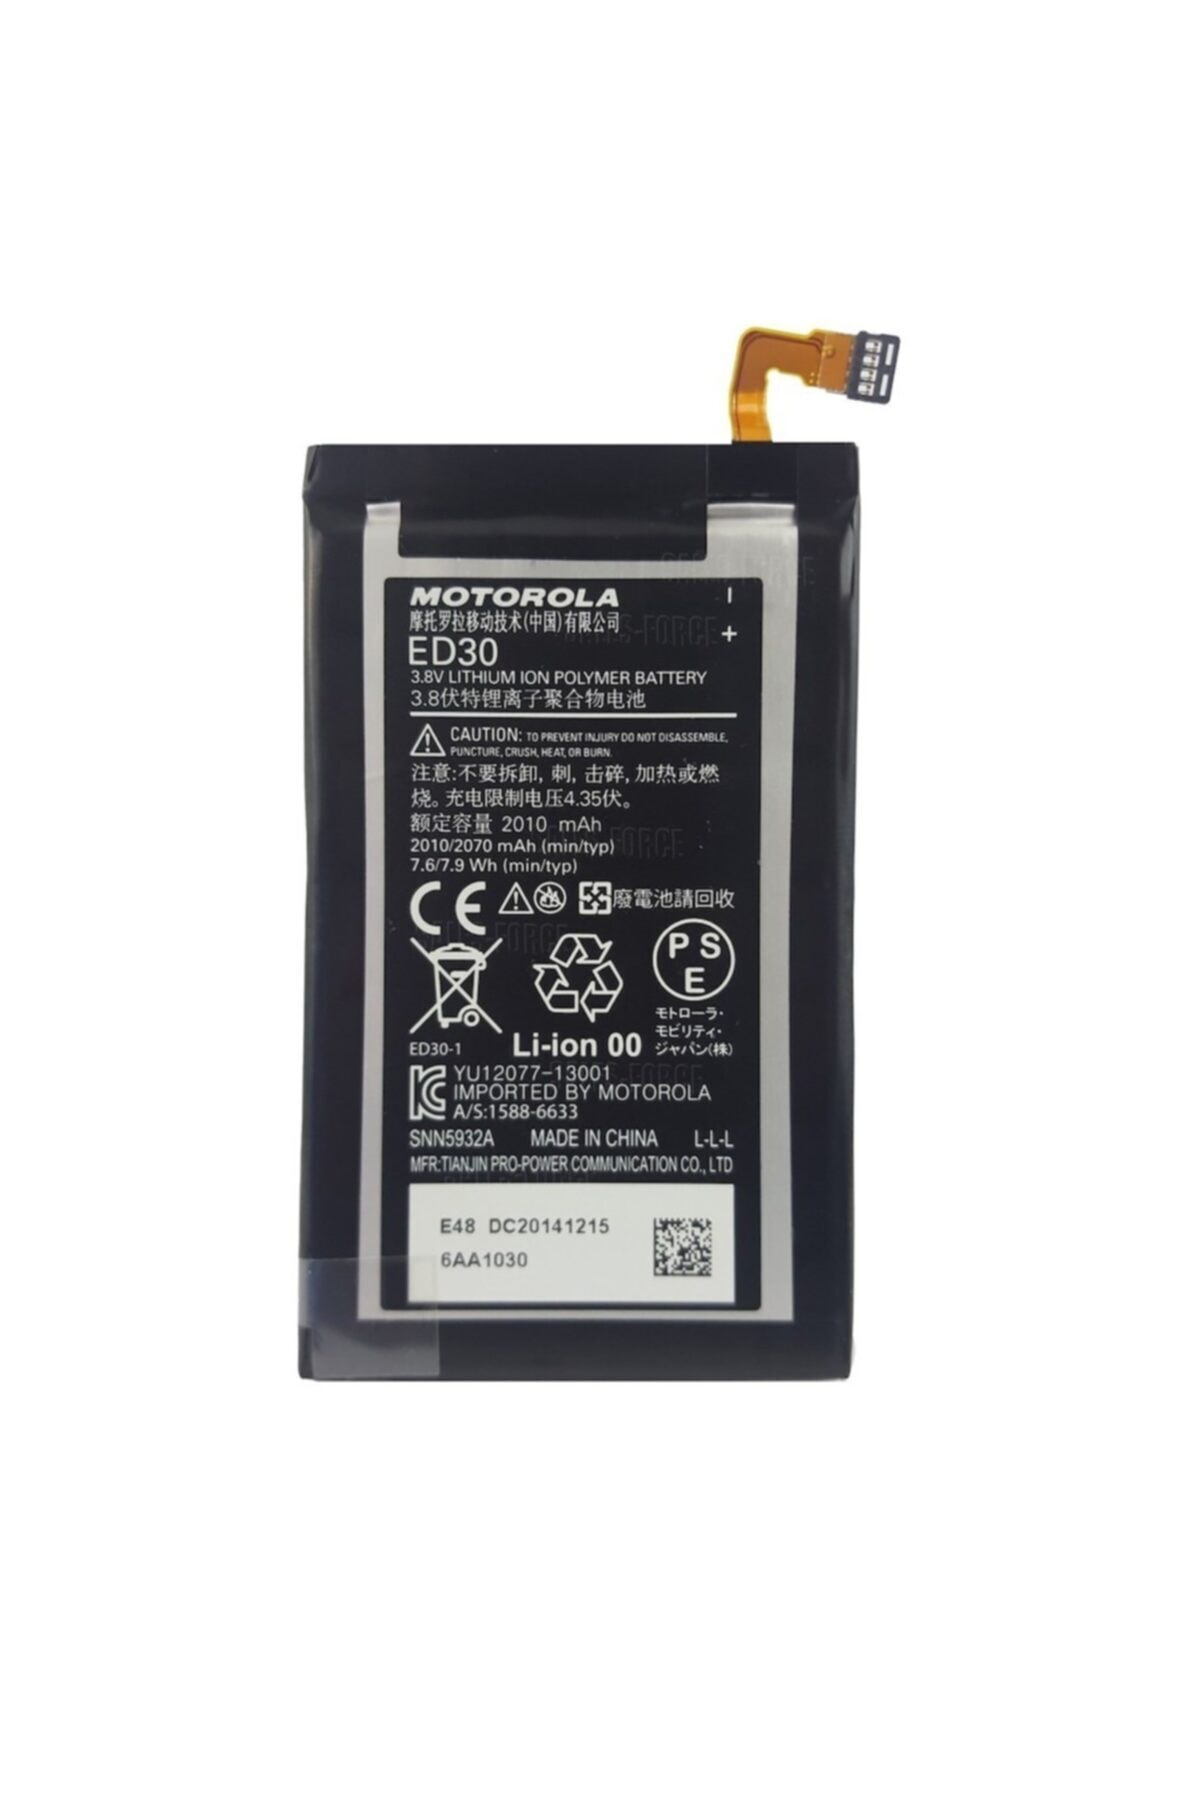 Motorola Moto G (xt1032, Ed30) Batarya Pil Fiyatı, Yorumları - Trendyol